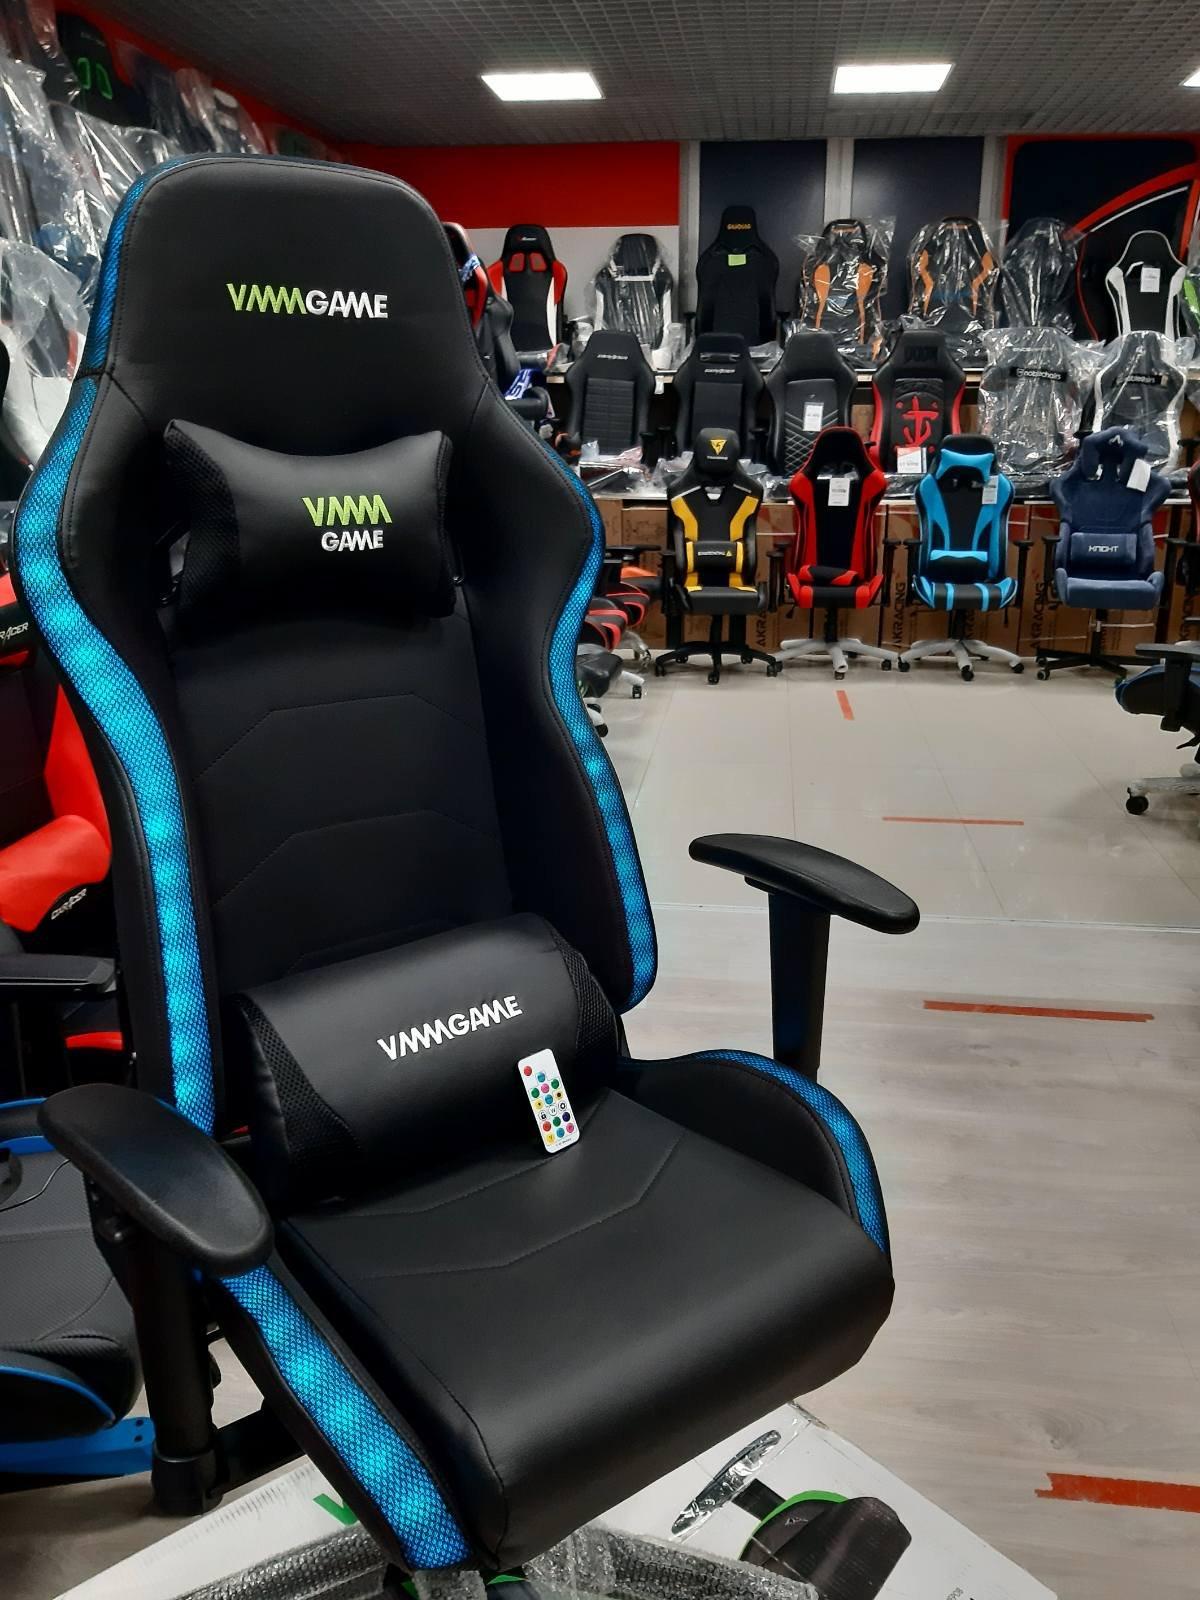 игровое кресло VMMGAME-ASTRAL